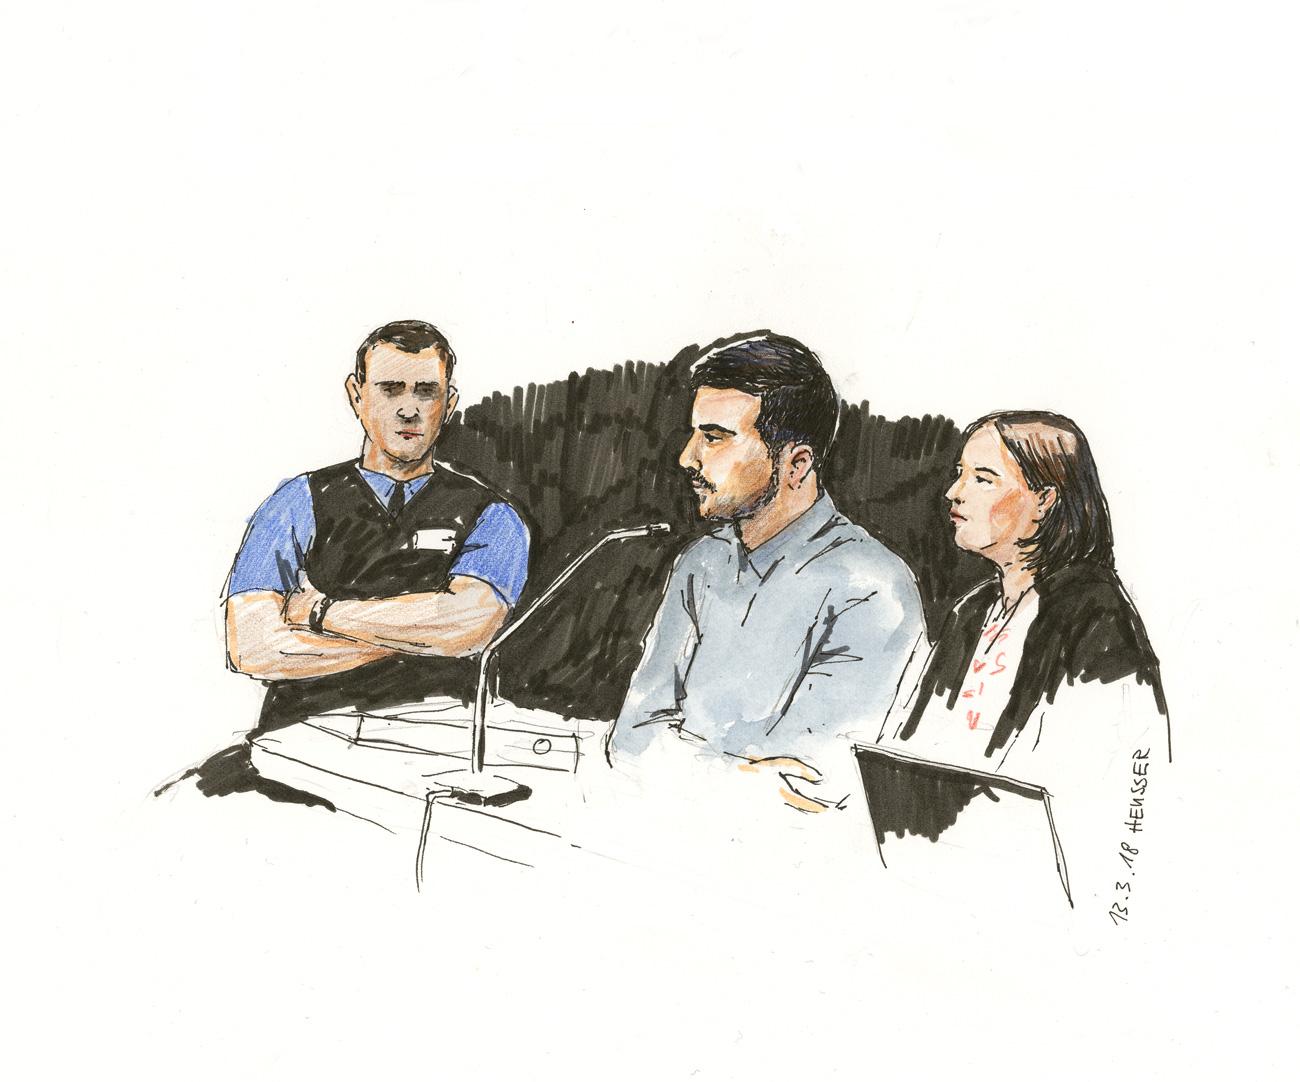 Der Angeklagte, die Verteidigerin und ein Beamter.